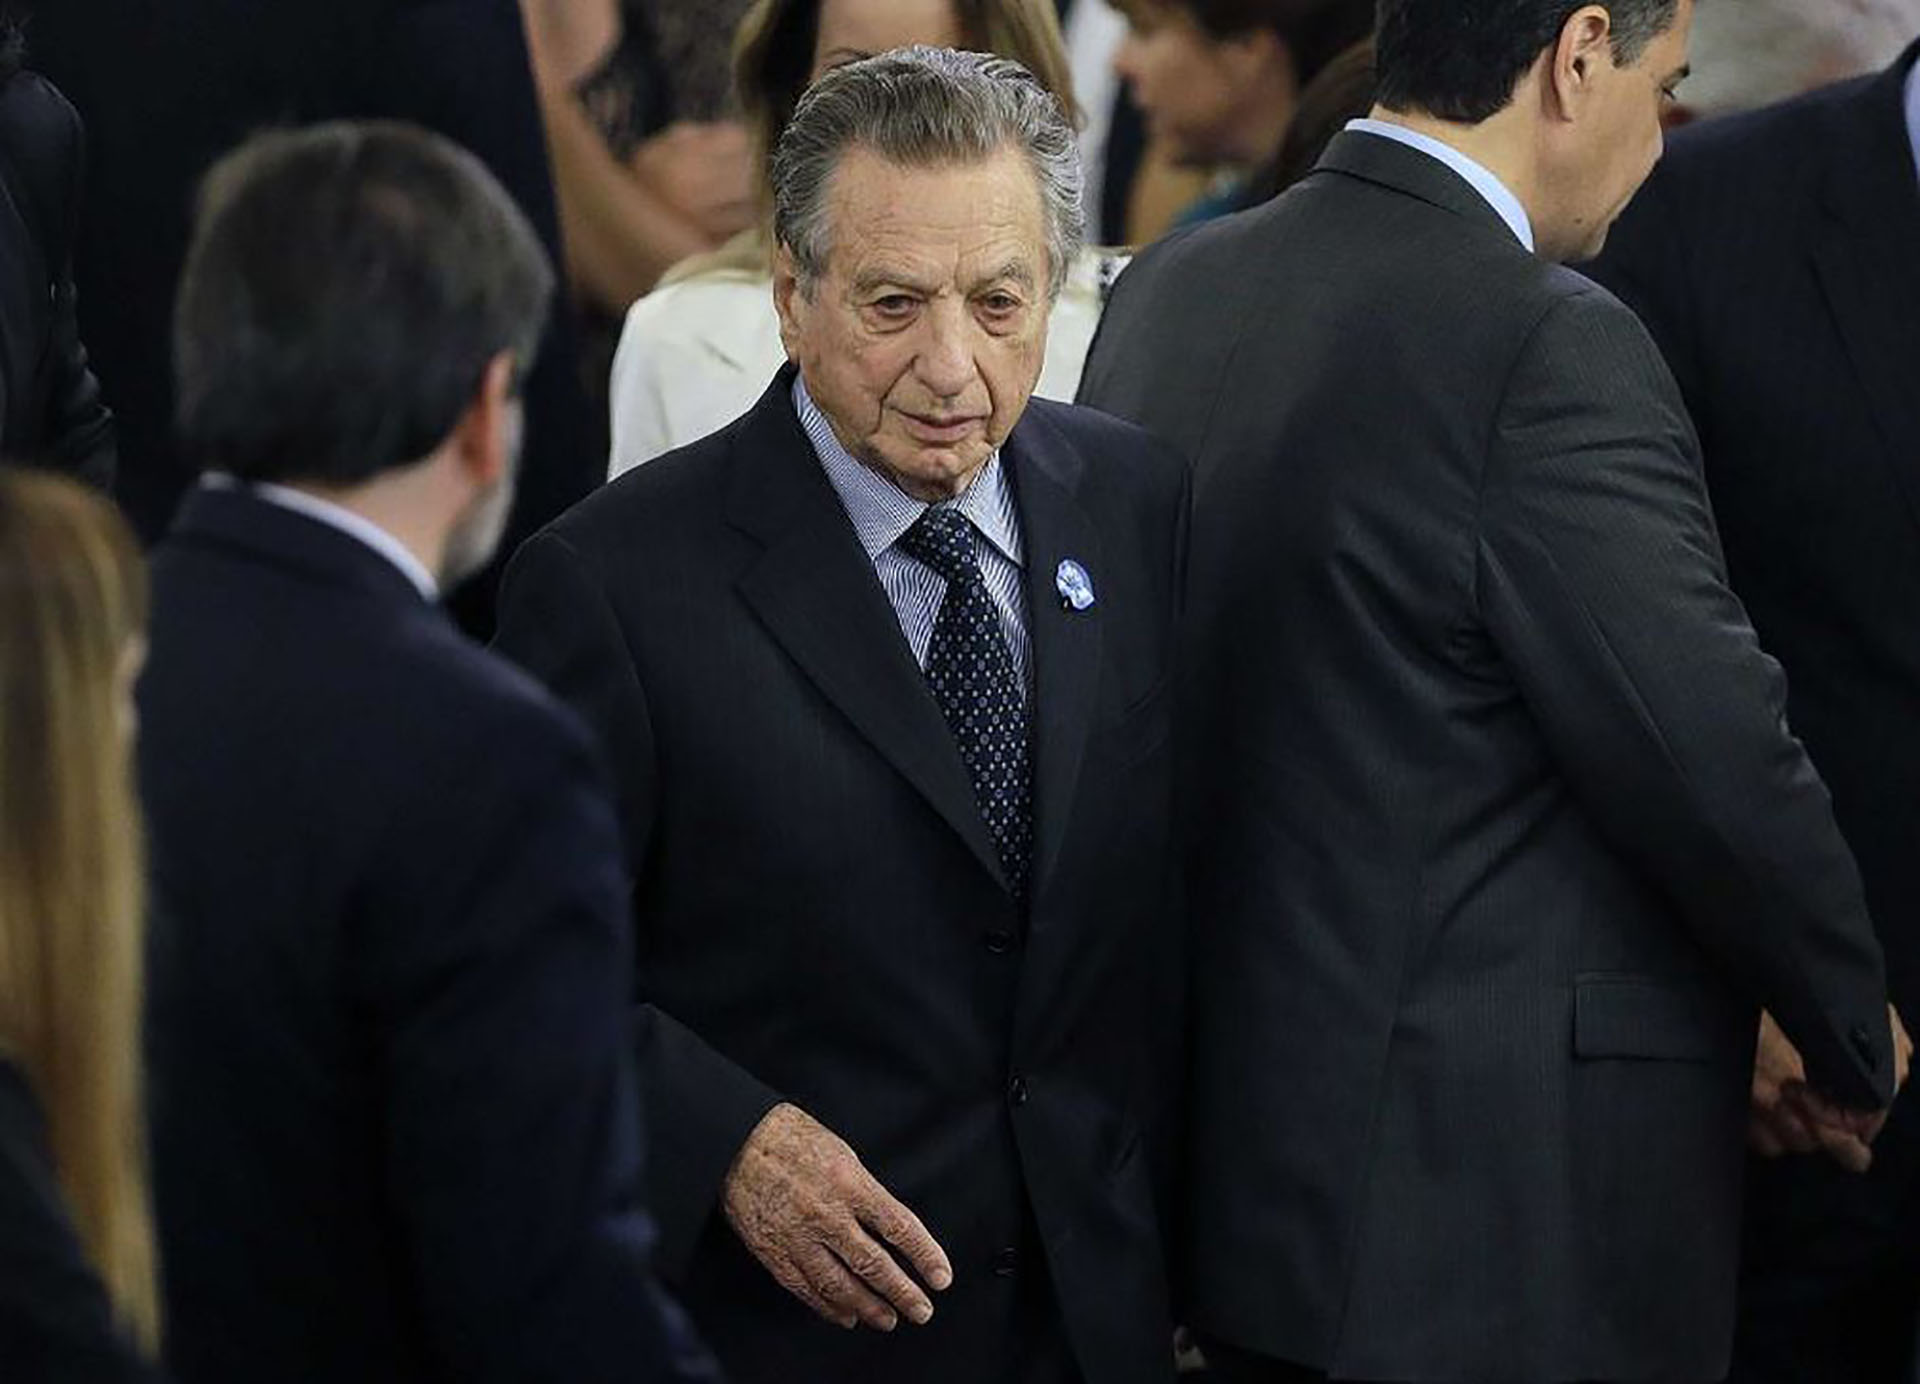 Franco Macri, papá del Presidente, en la ceremonia de entrega de los atributos del mando que se realizó en el Salón Blanco. Le había aconsejado que no se dedique a la política.